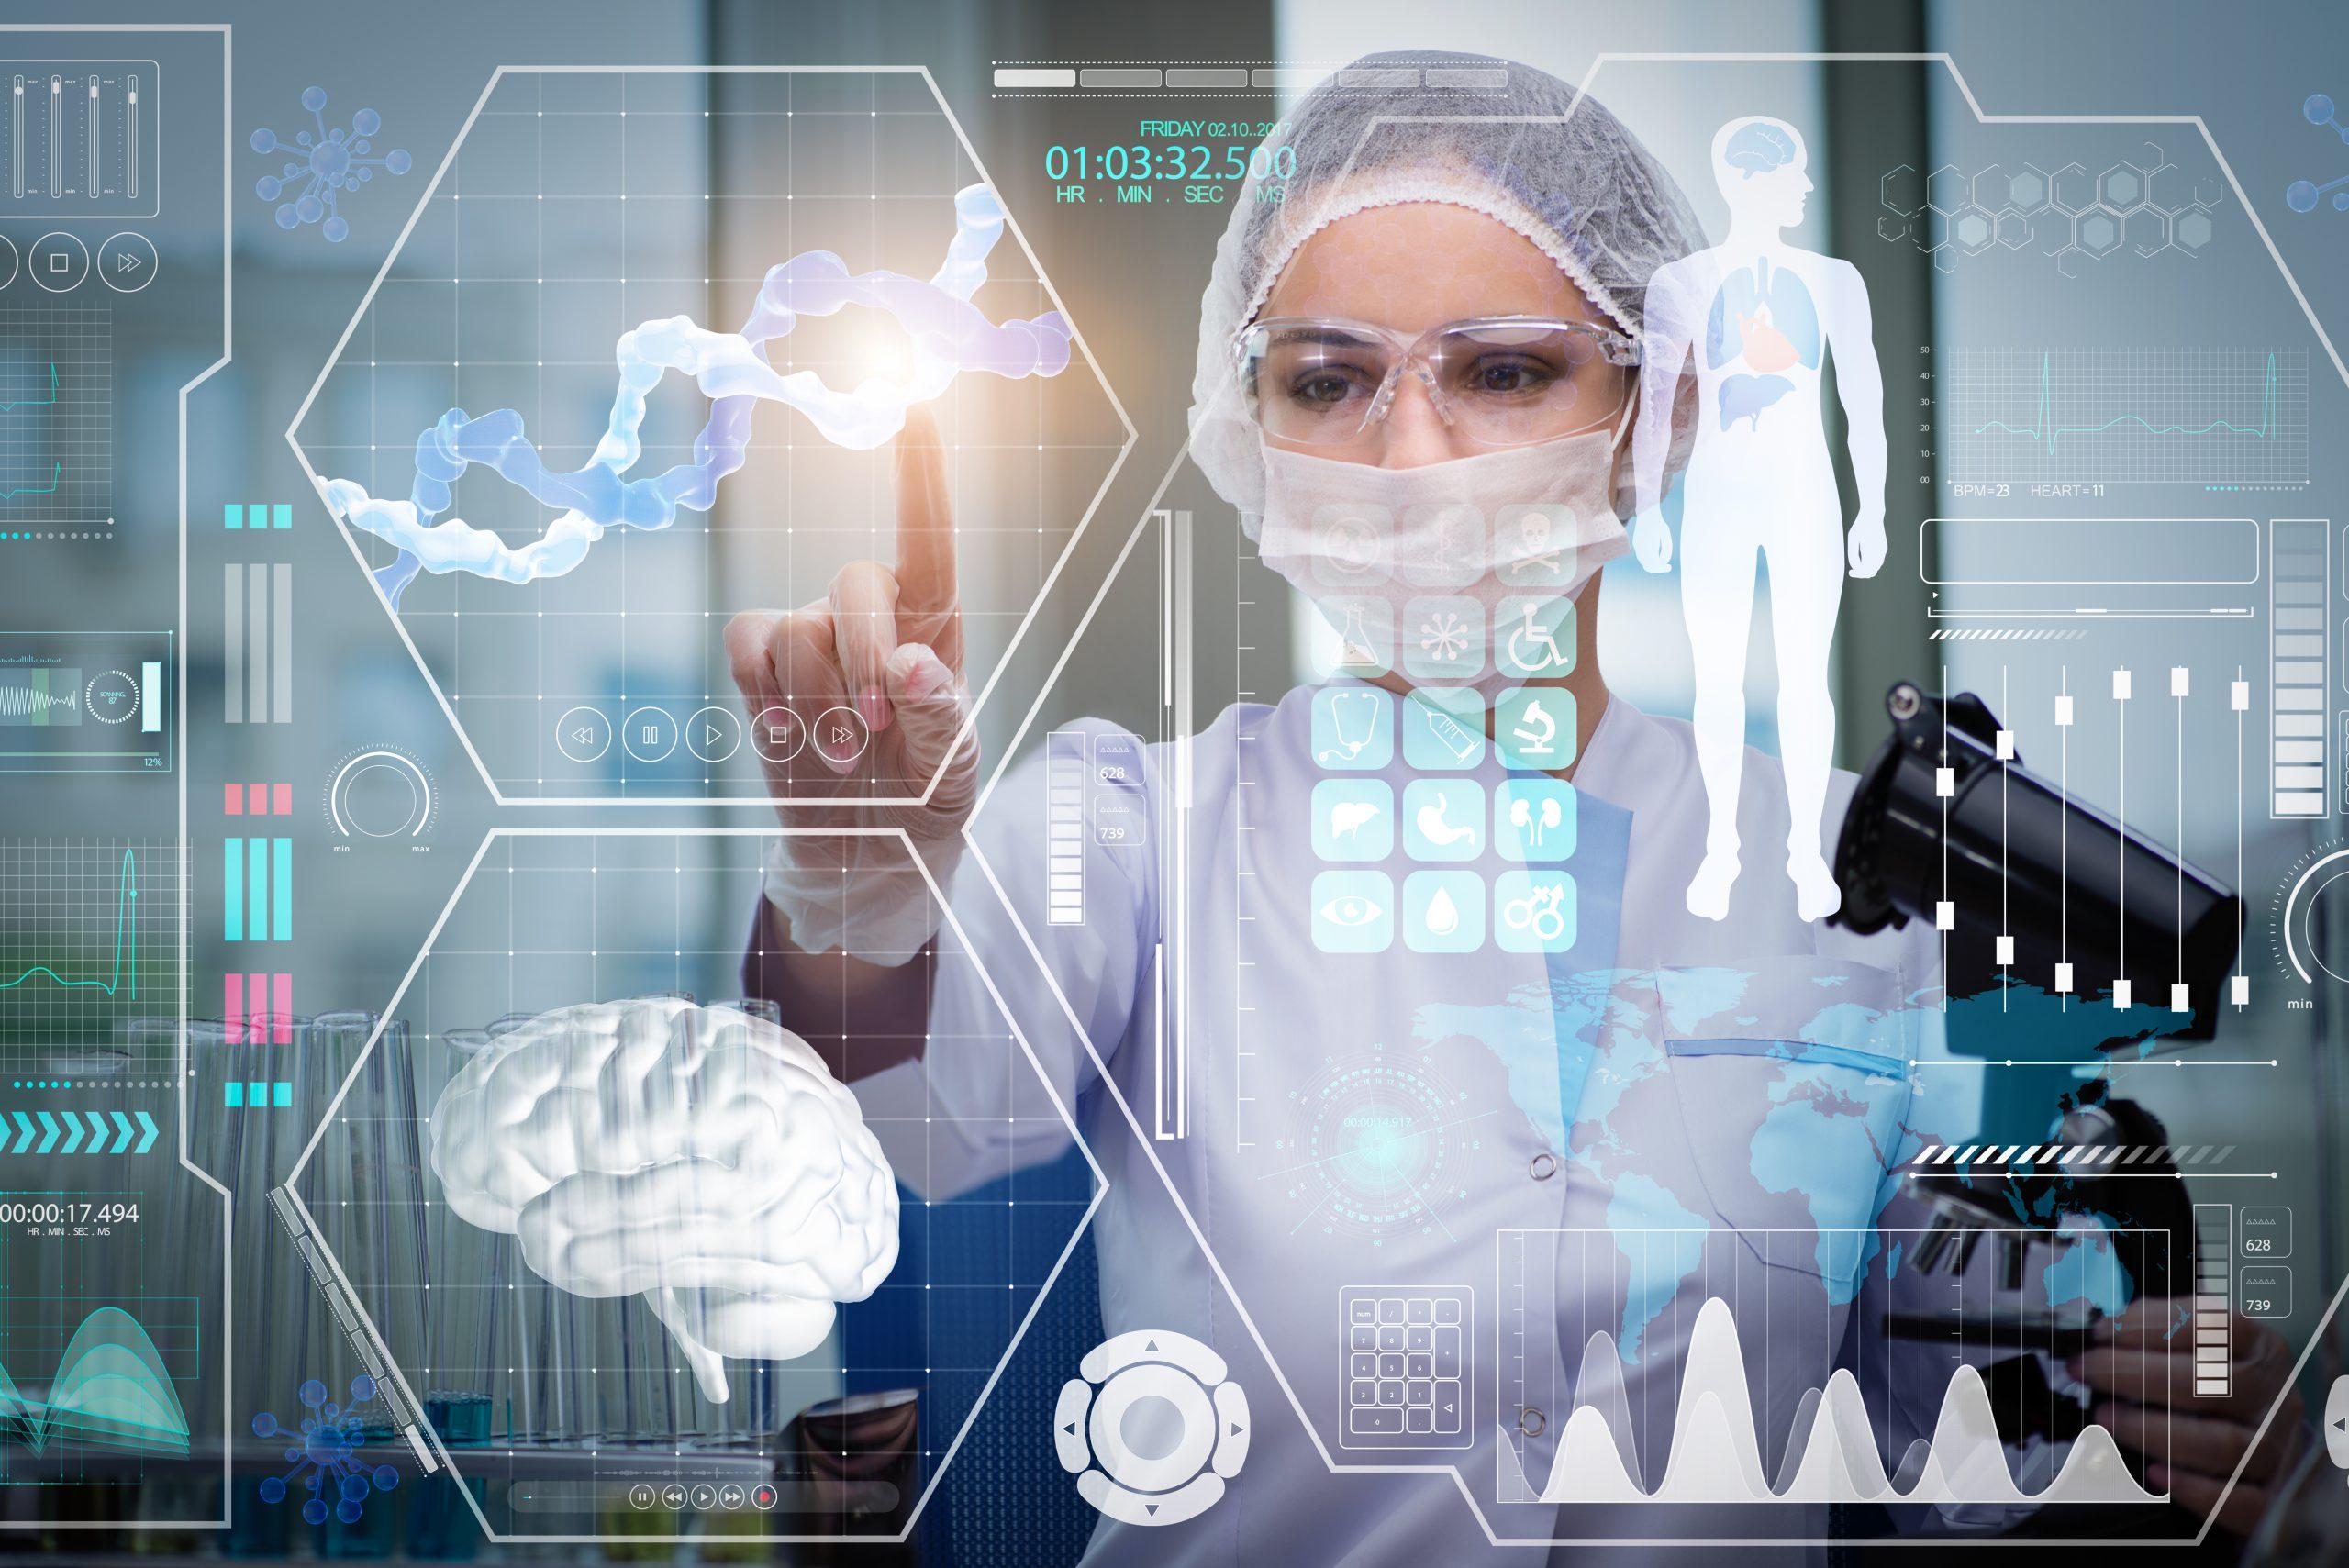 Futuro – Os próximos 10 anos da medicina diagnóstica